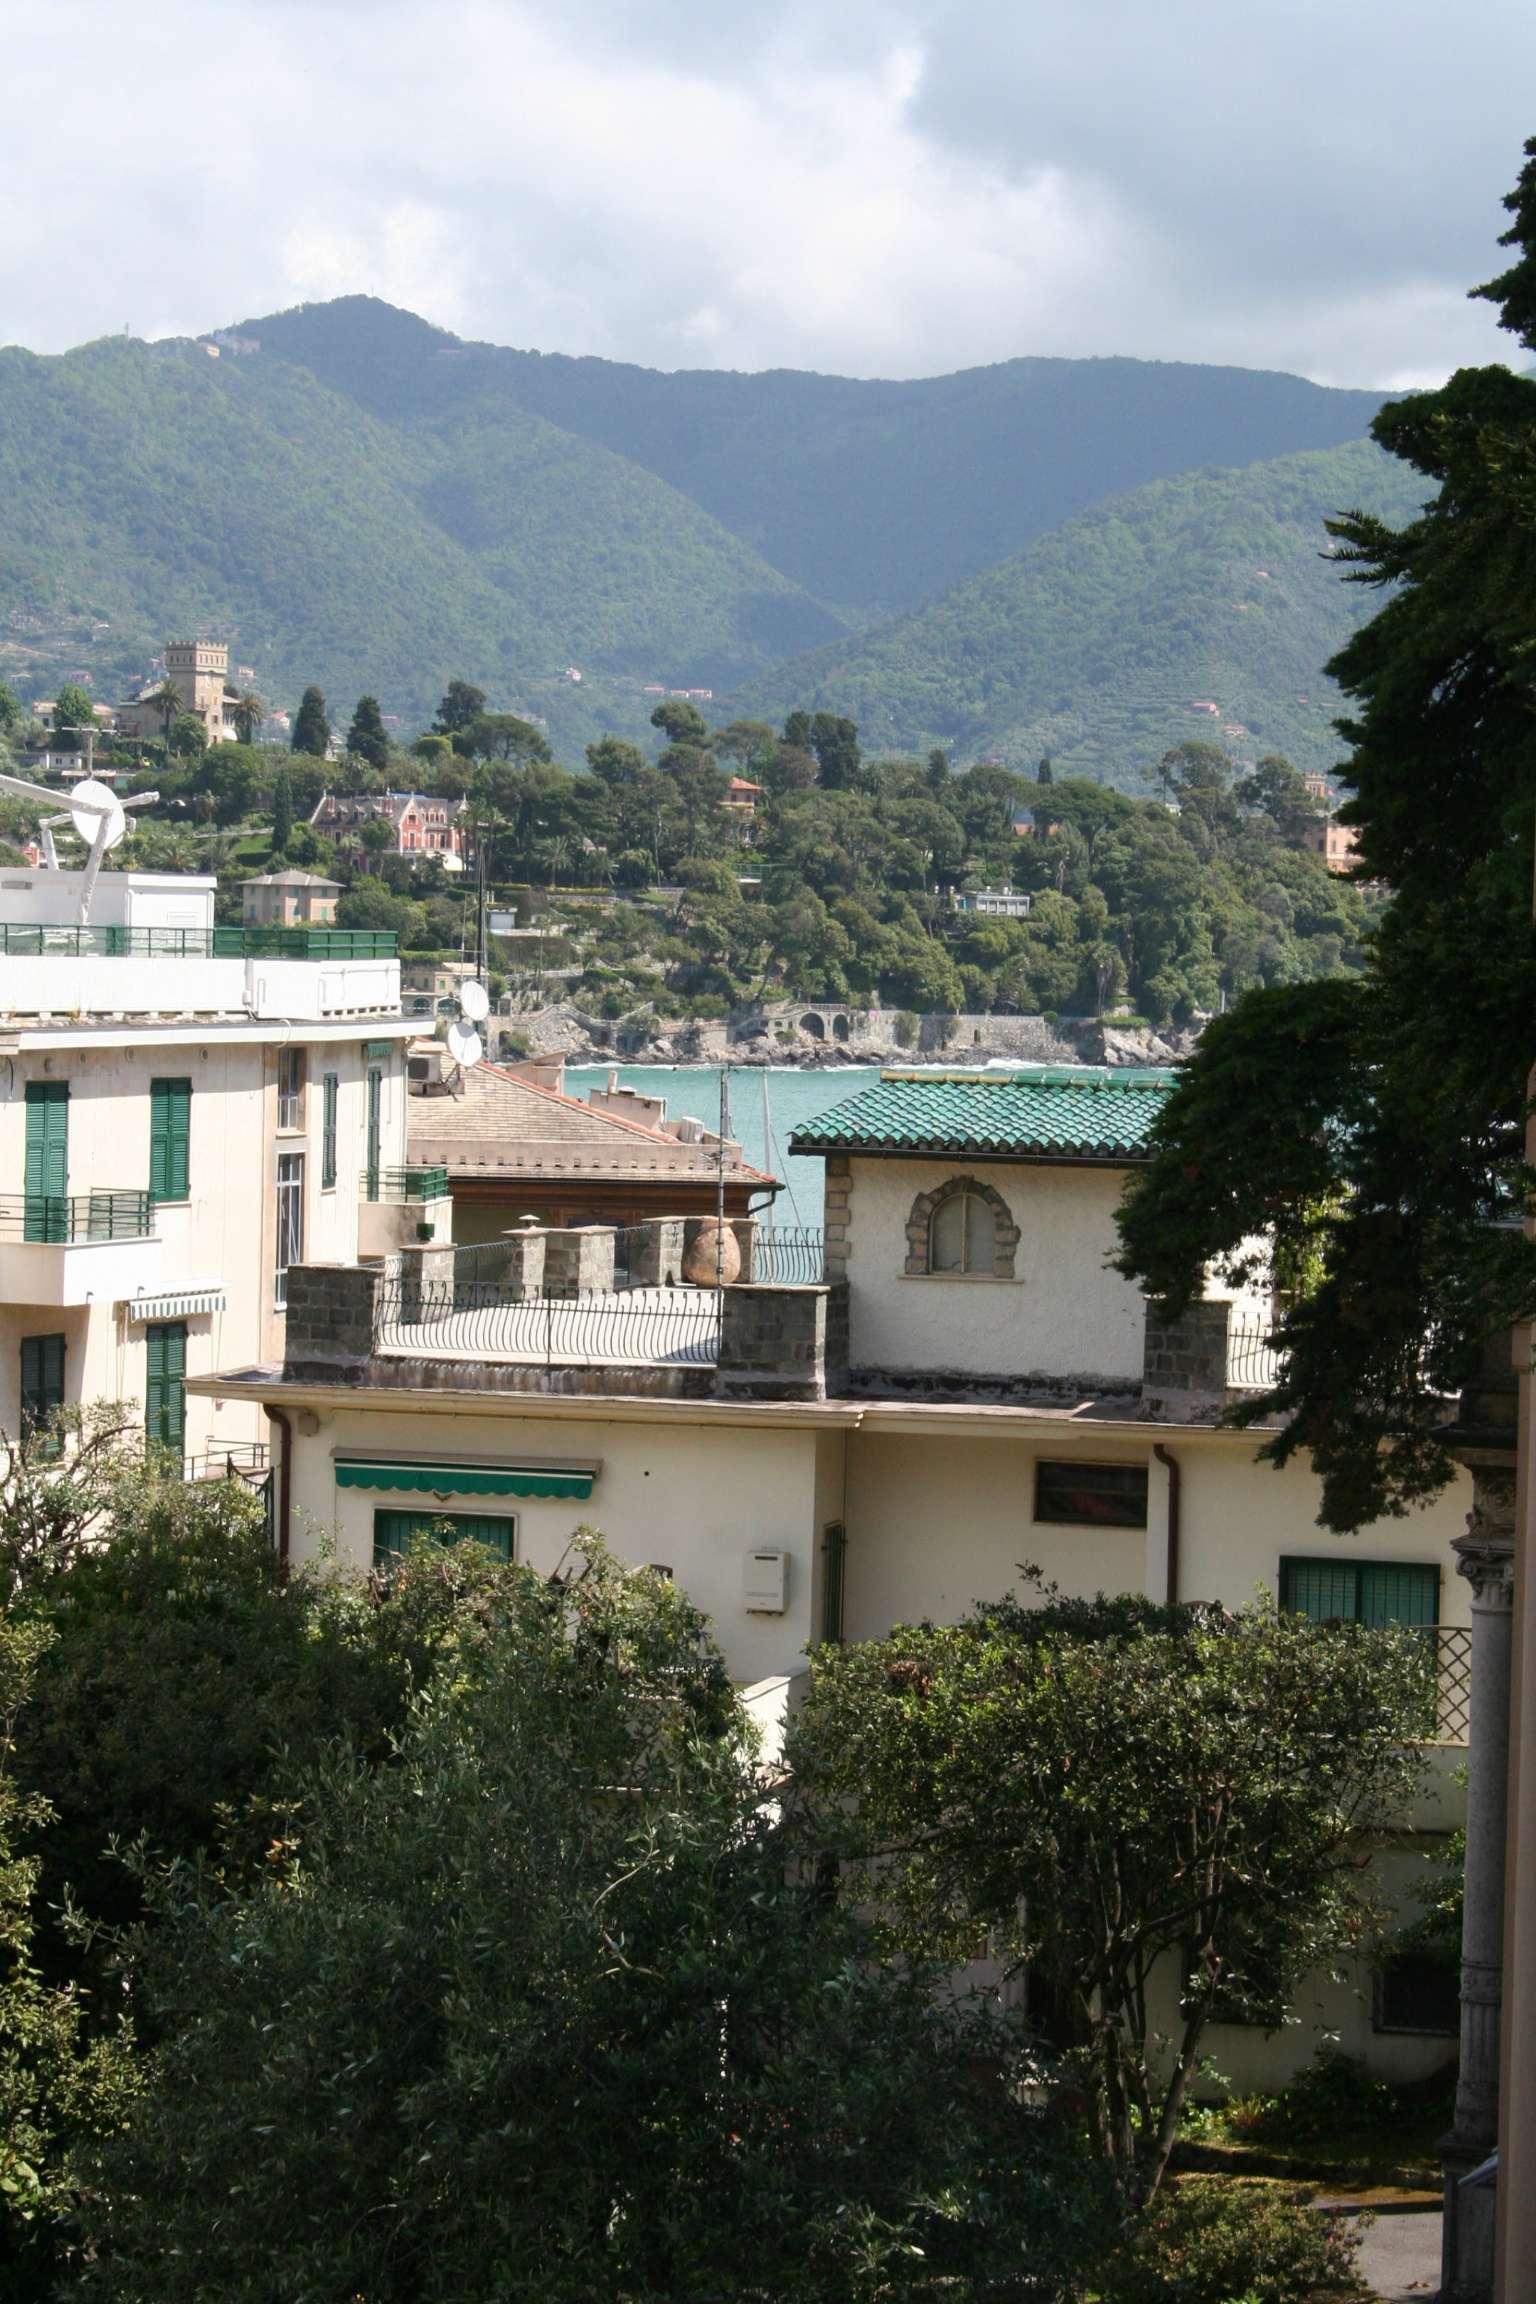 Appartamento in affitto a Santa Margherita Ligure, 6 locali, prezzo € 13.500 | CambioCasa.it